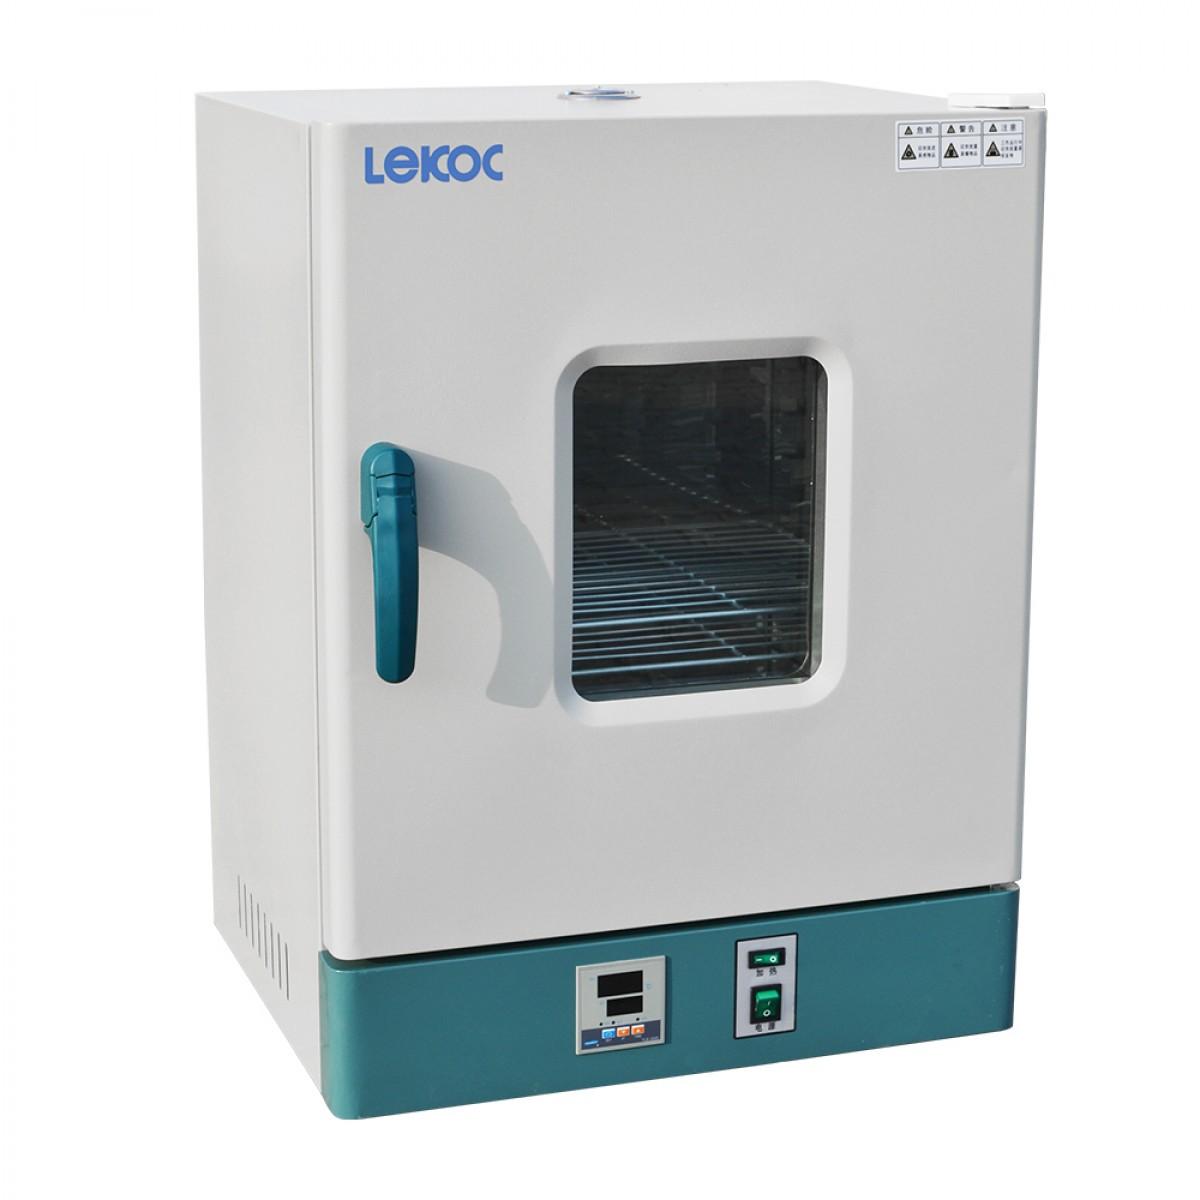 乐克严选 LEKOC 202-00BS电热恒温干燥箱工业烘箱实验室烤箱